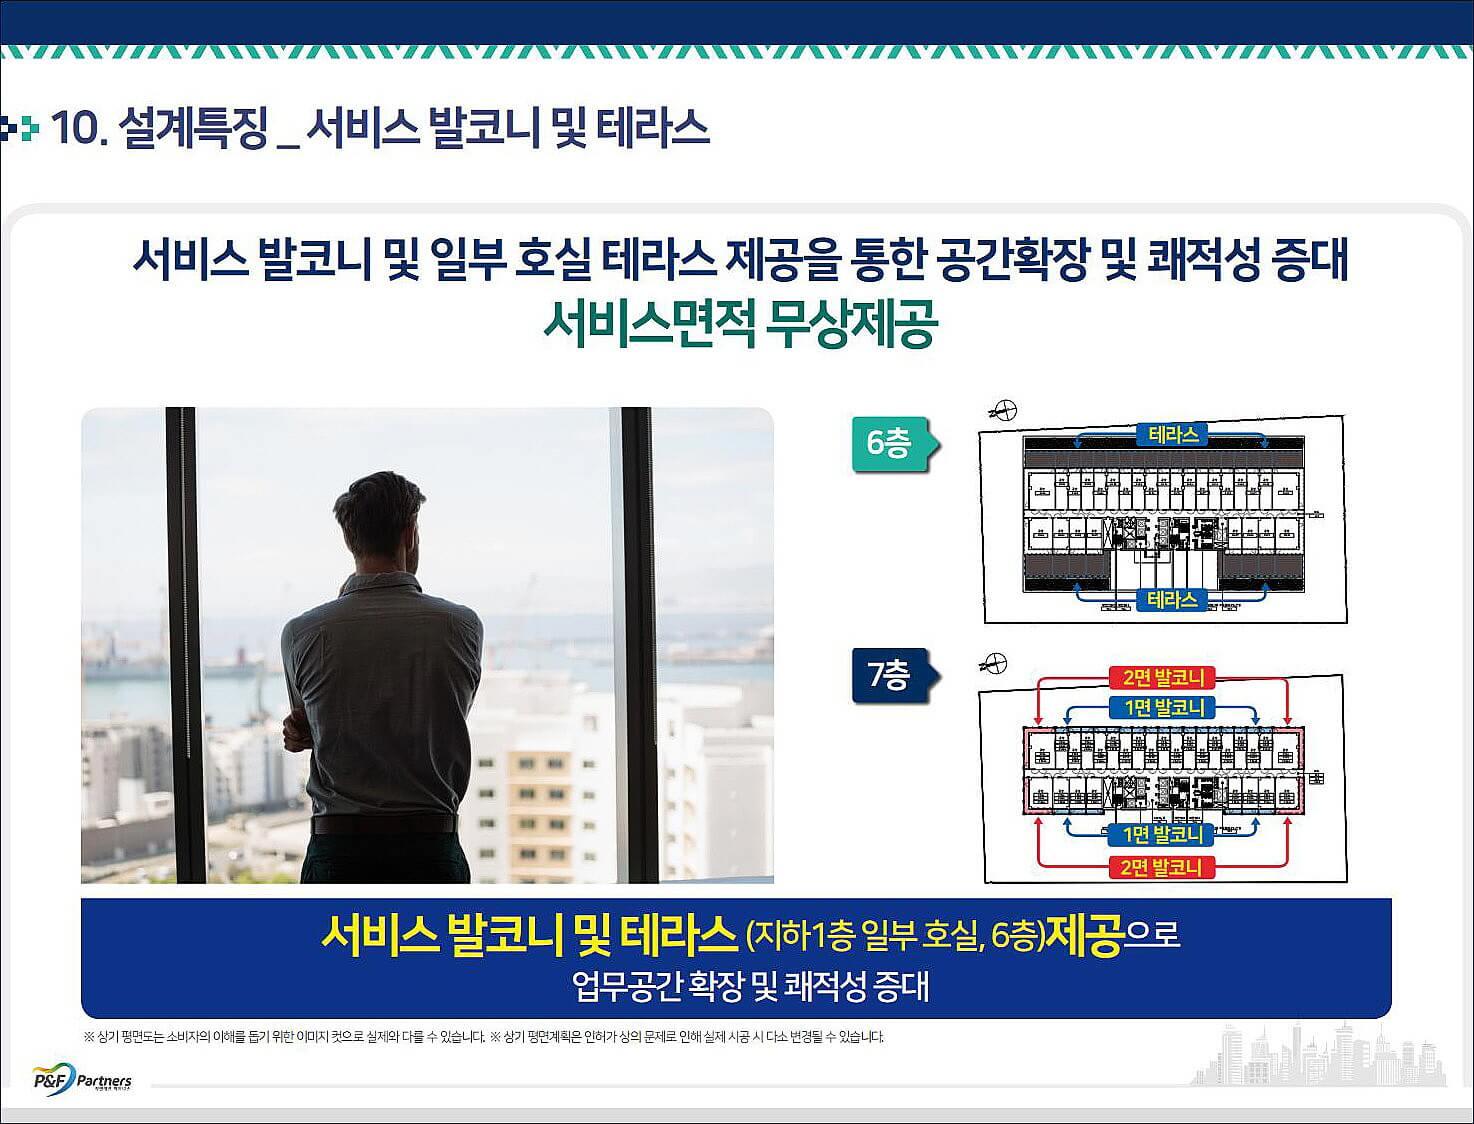 원흥 지식산업센터_특화설계2